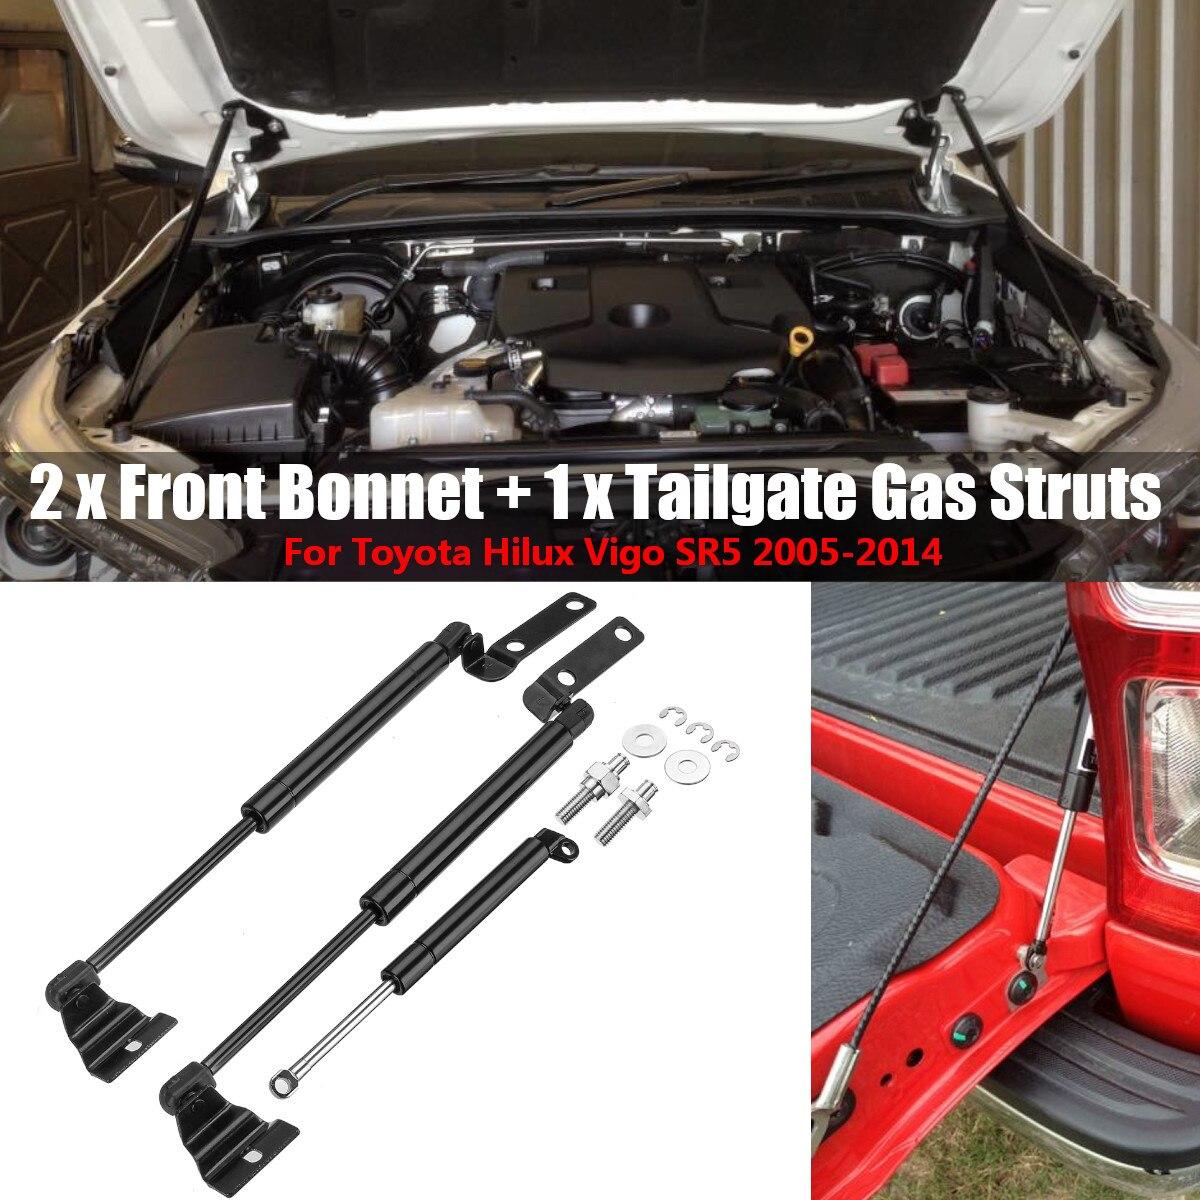 3pcs Front Bonnet + Tailgate Gas Lift Support Struts For Toyota Hilux Vigo SR5 2005 2006 2007 2008 2009 2010 2011 2012 2013 2014|Hoods| |  - title=